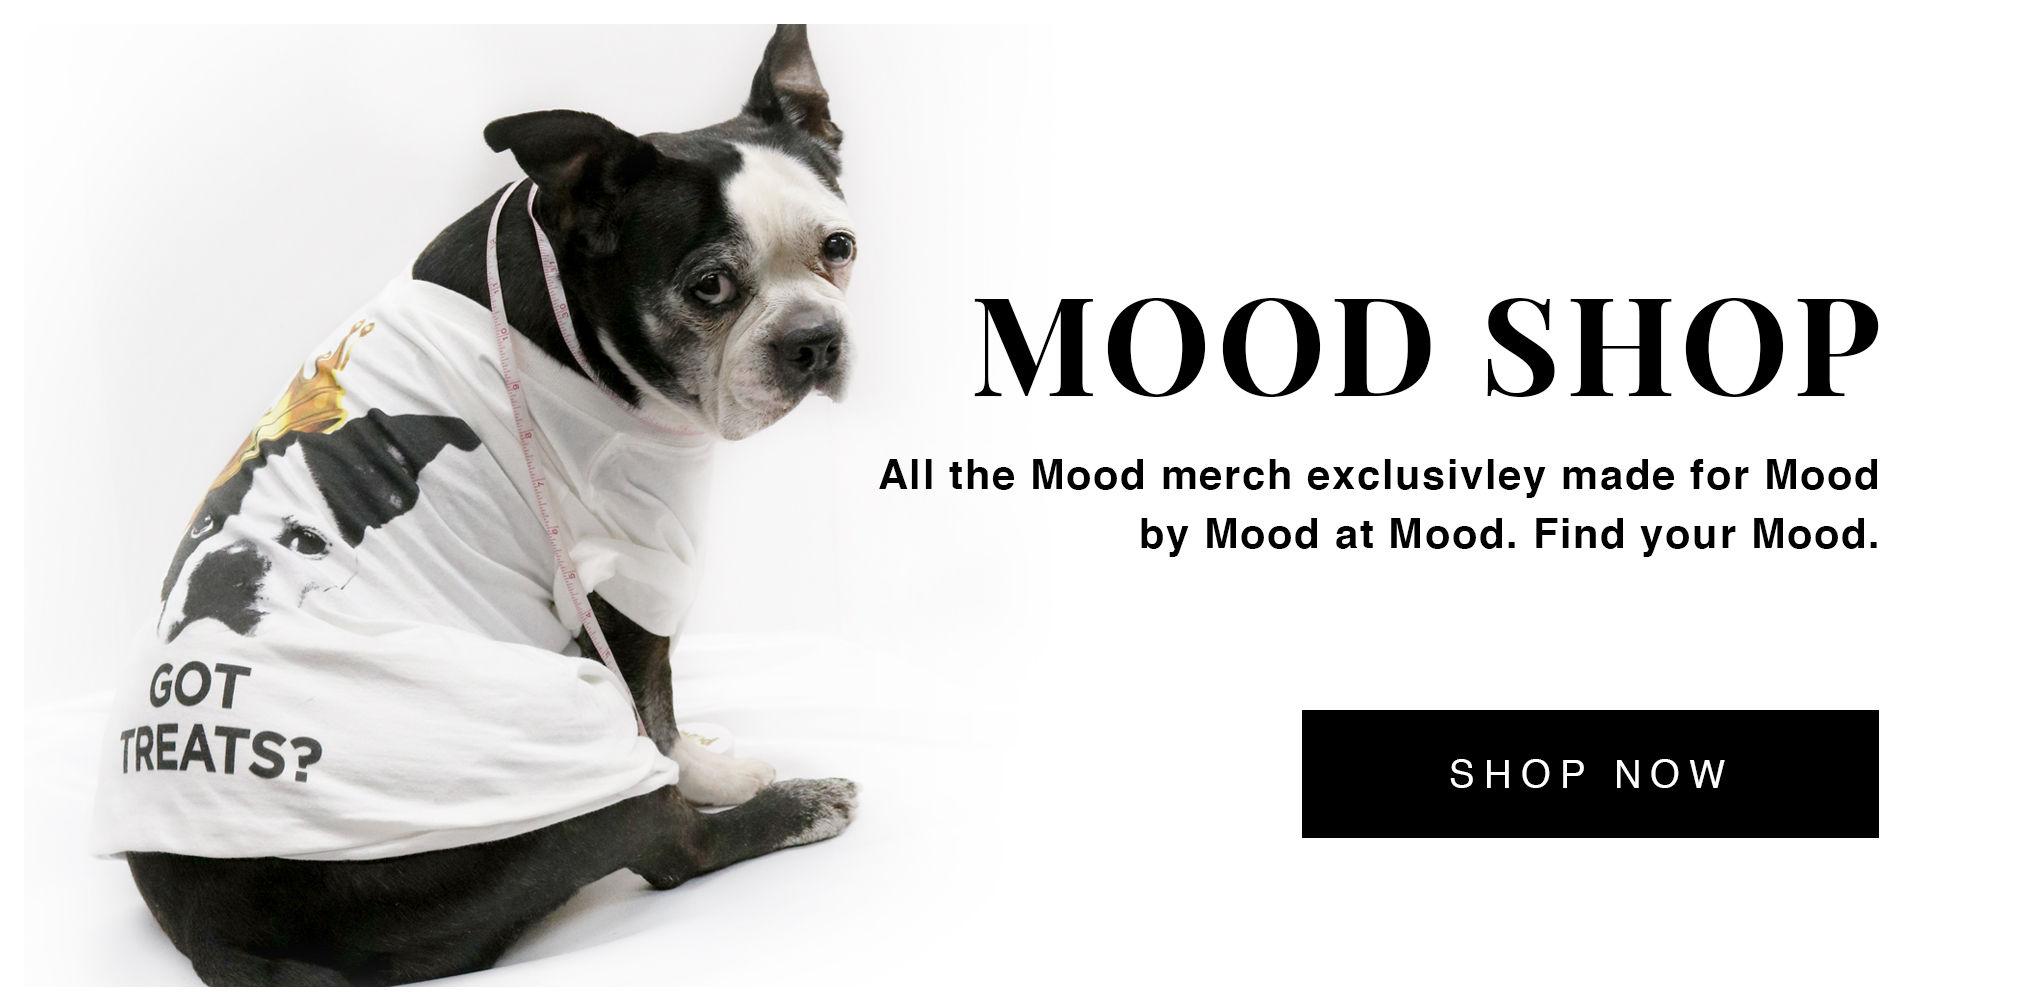 Mood Shop